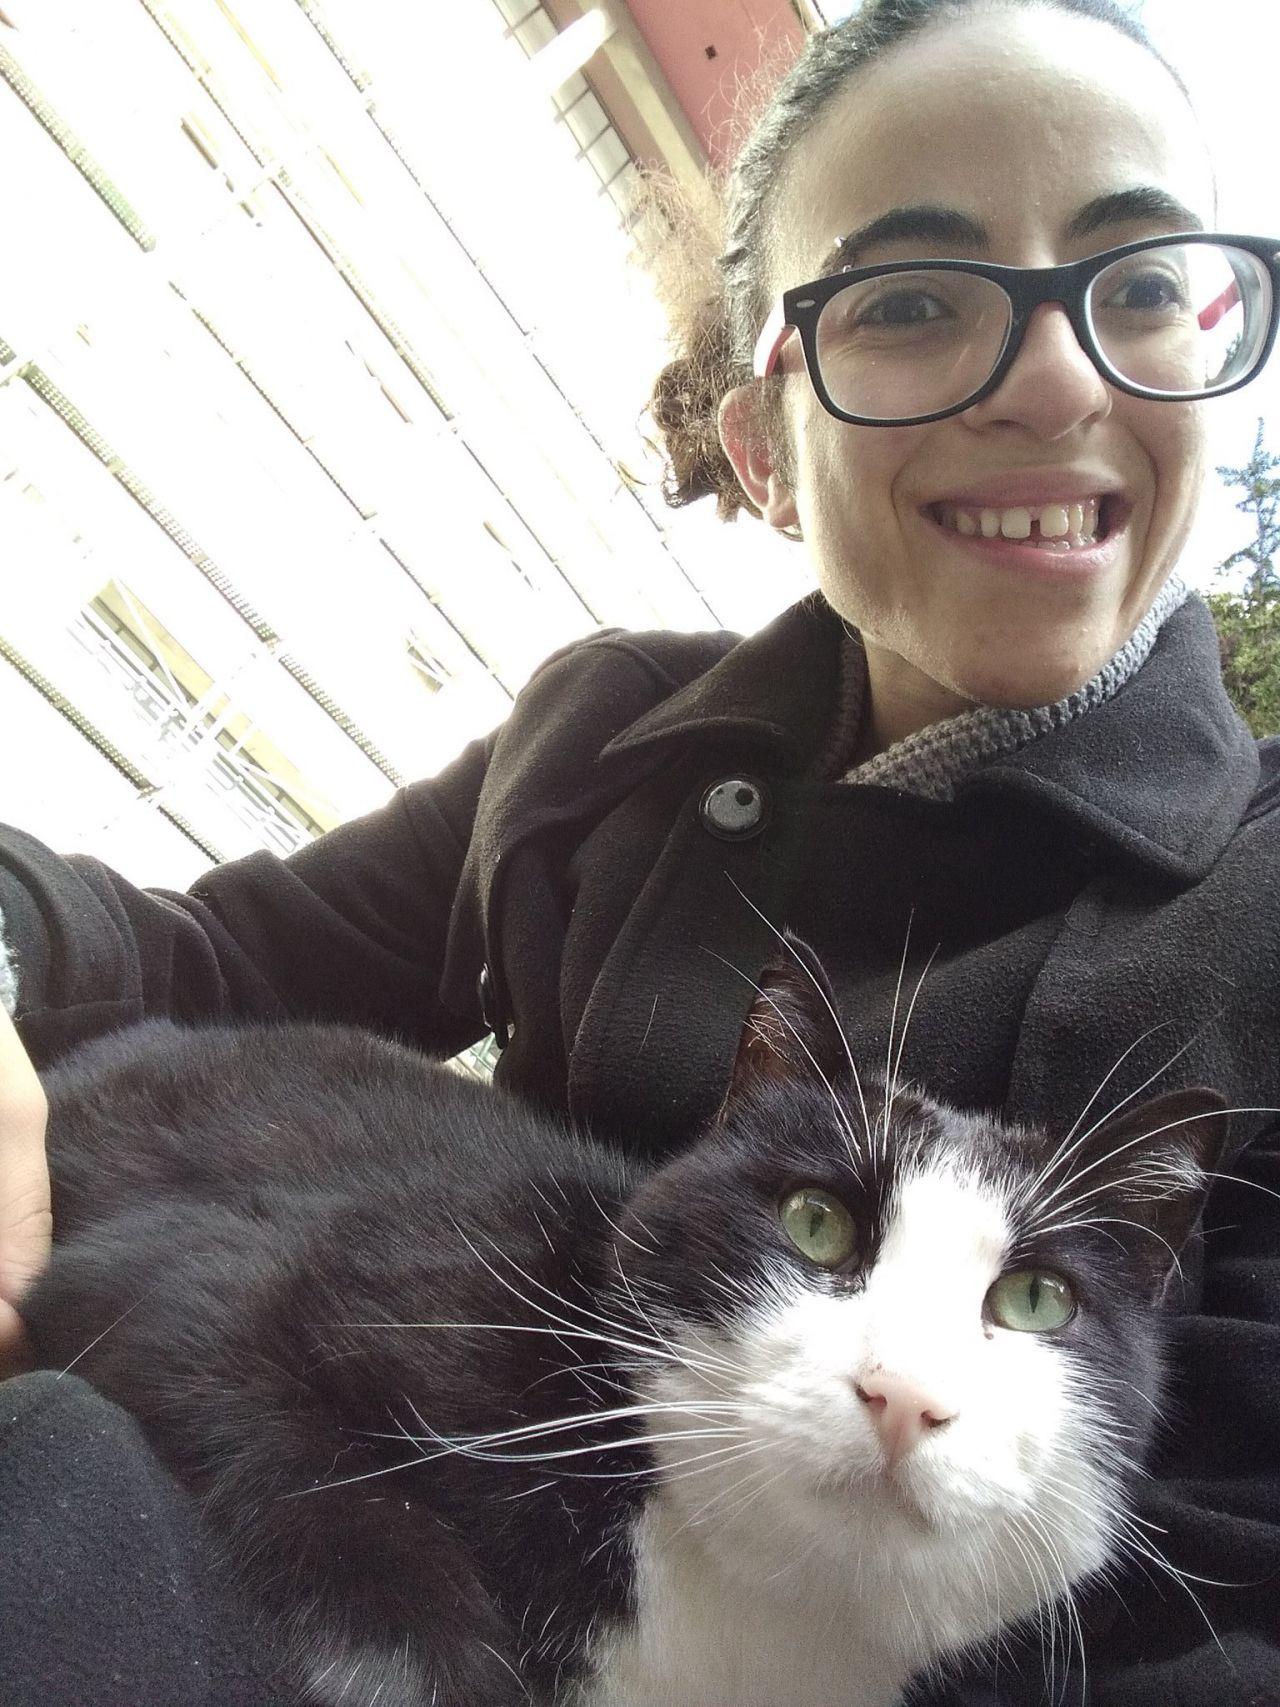 İstanbul Üniversitesi öğrencisi Sibel Ünli yaşamına son verdi! - Sayfa:2